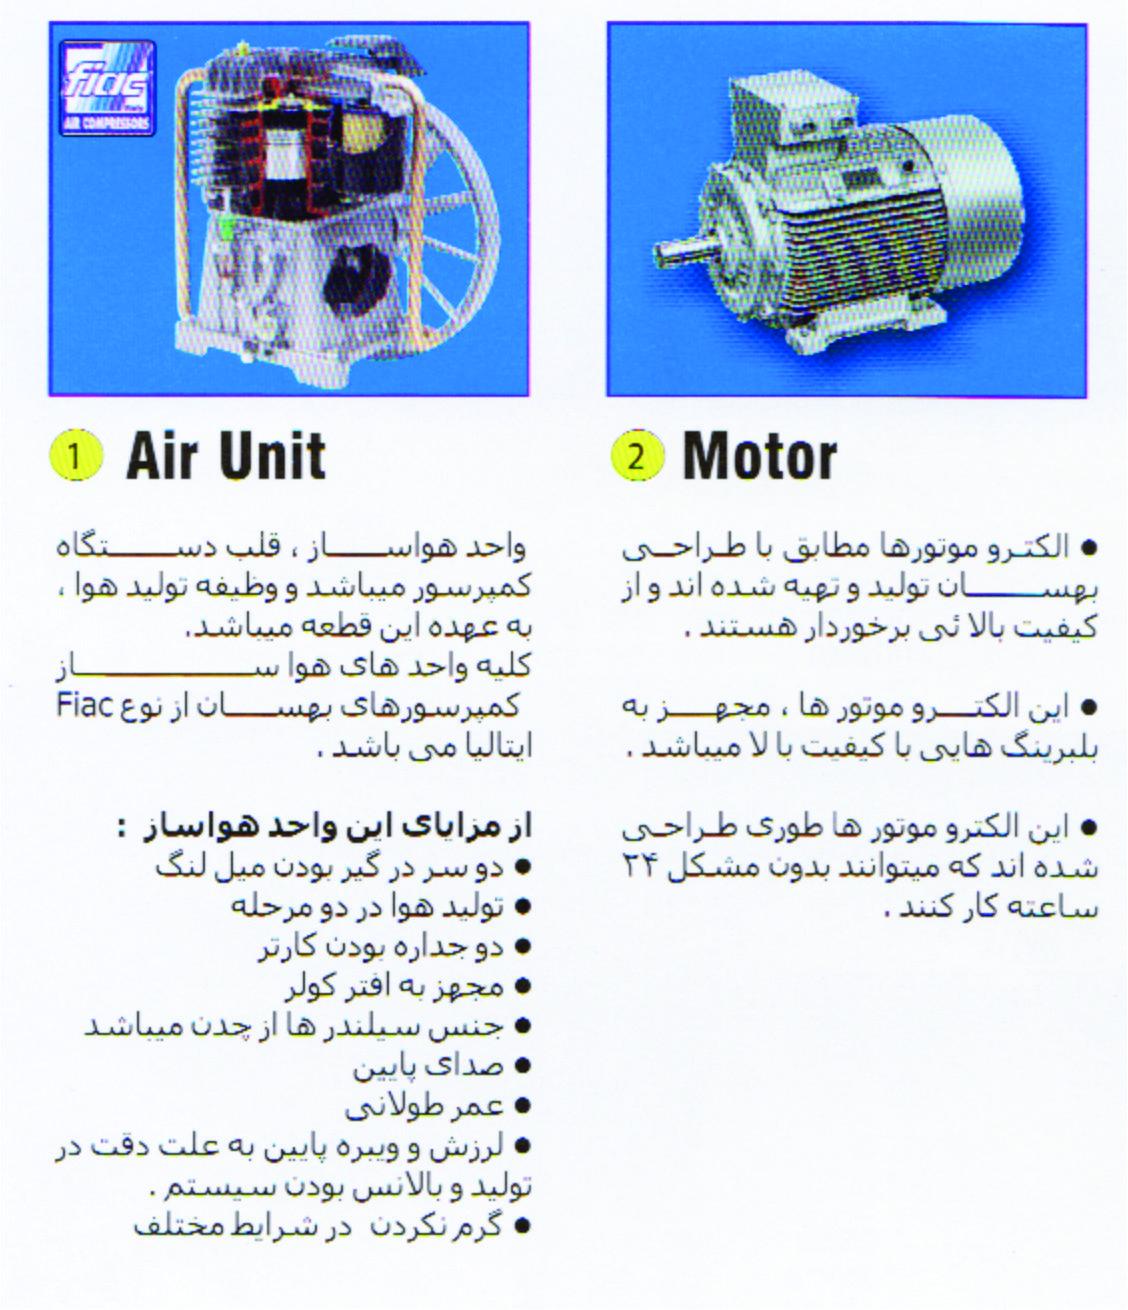 نوع موتور و پمپ کمپرسور باد